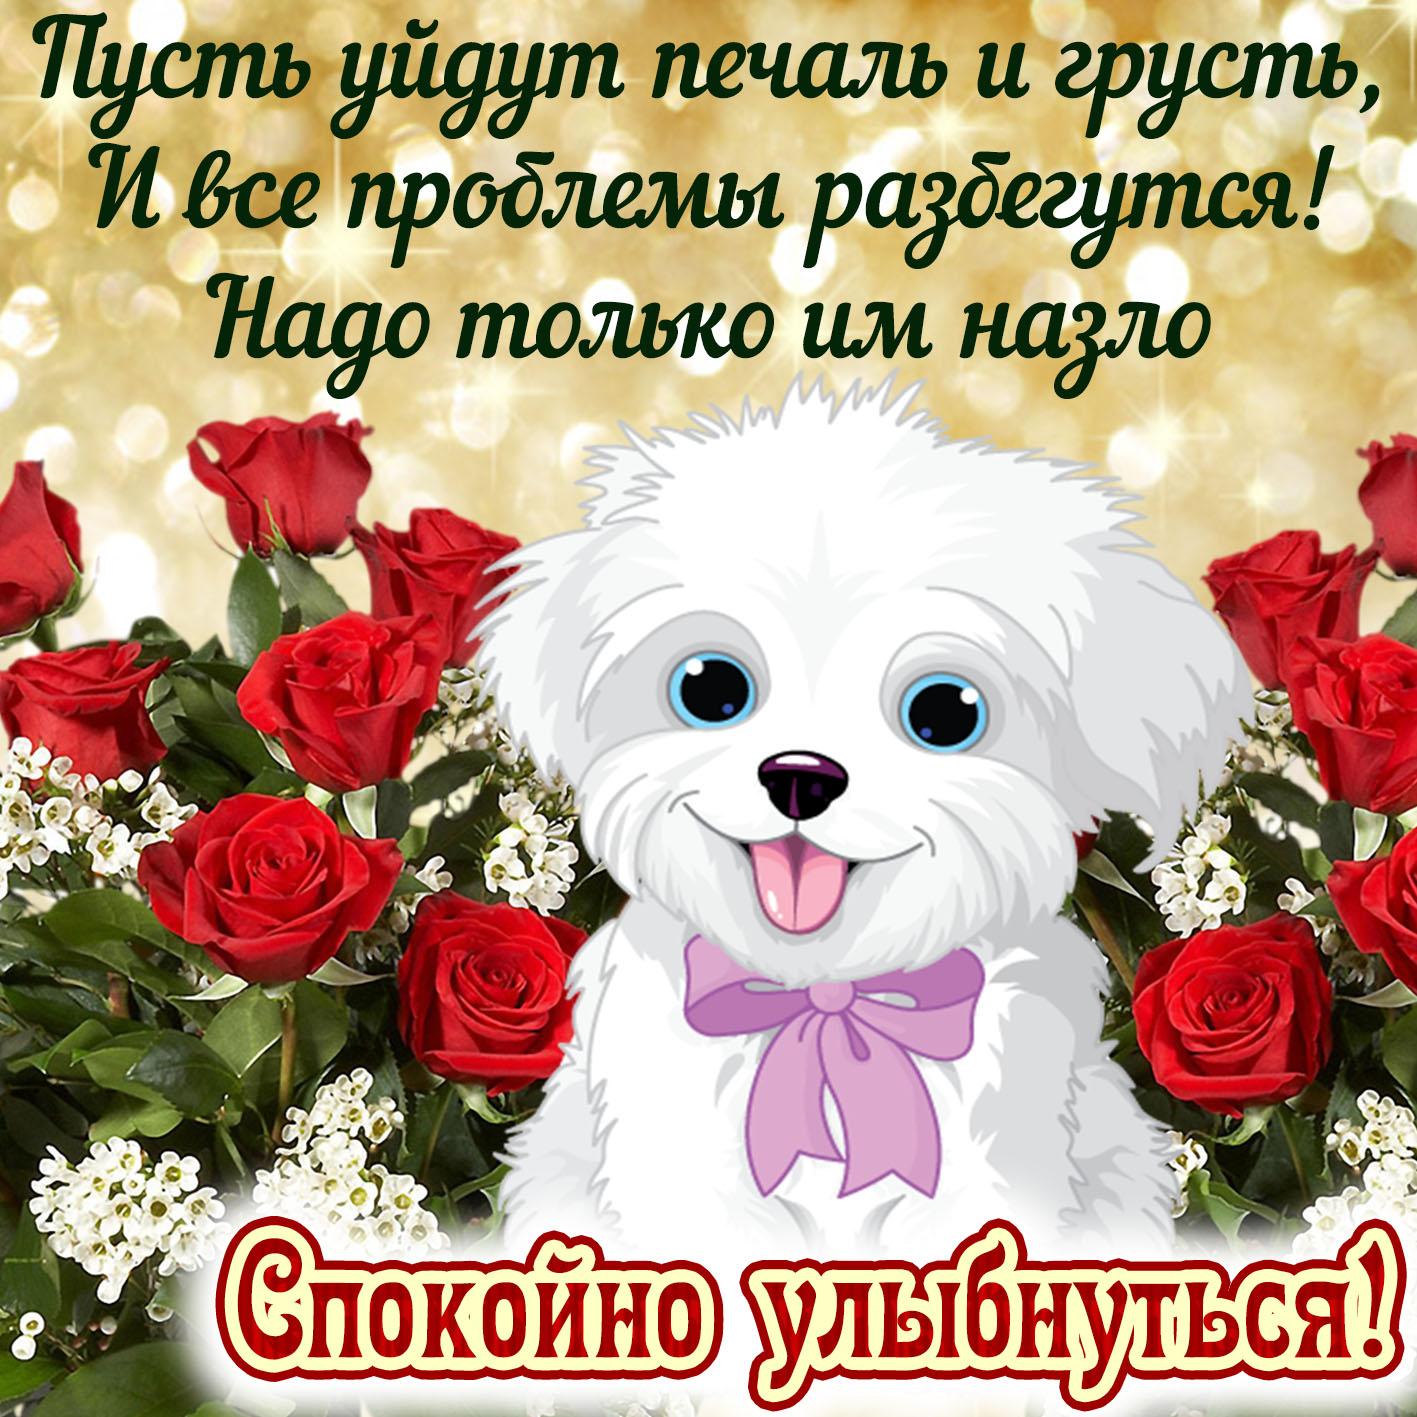 Картинка улыбнись с приятной собачкой среди розочек